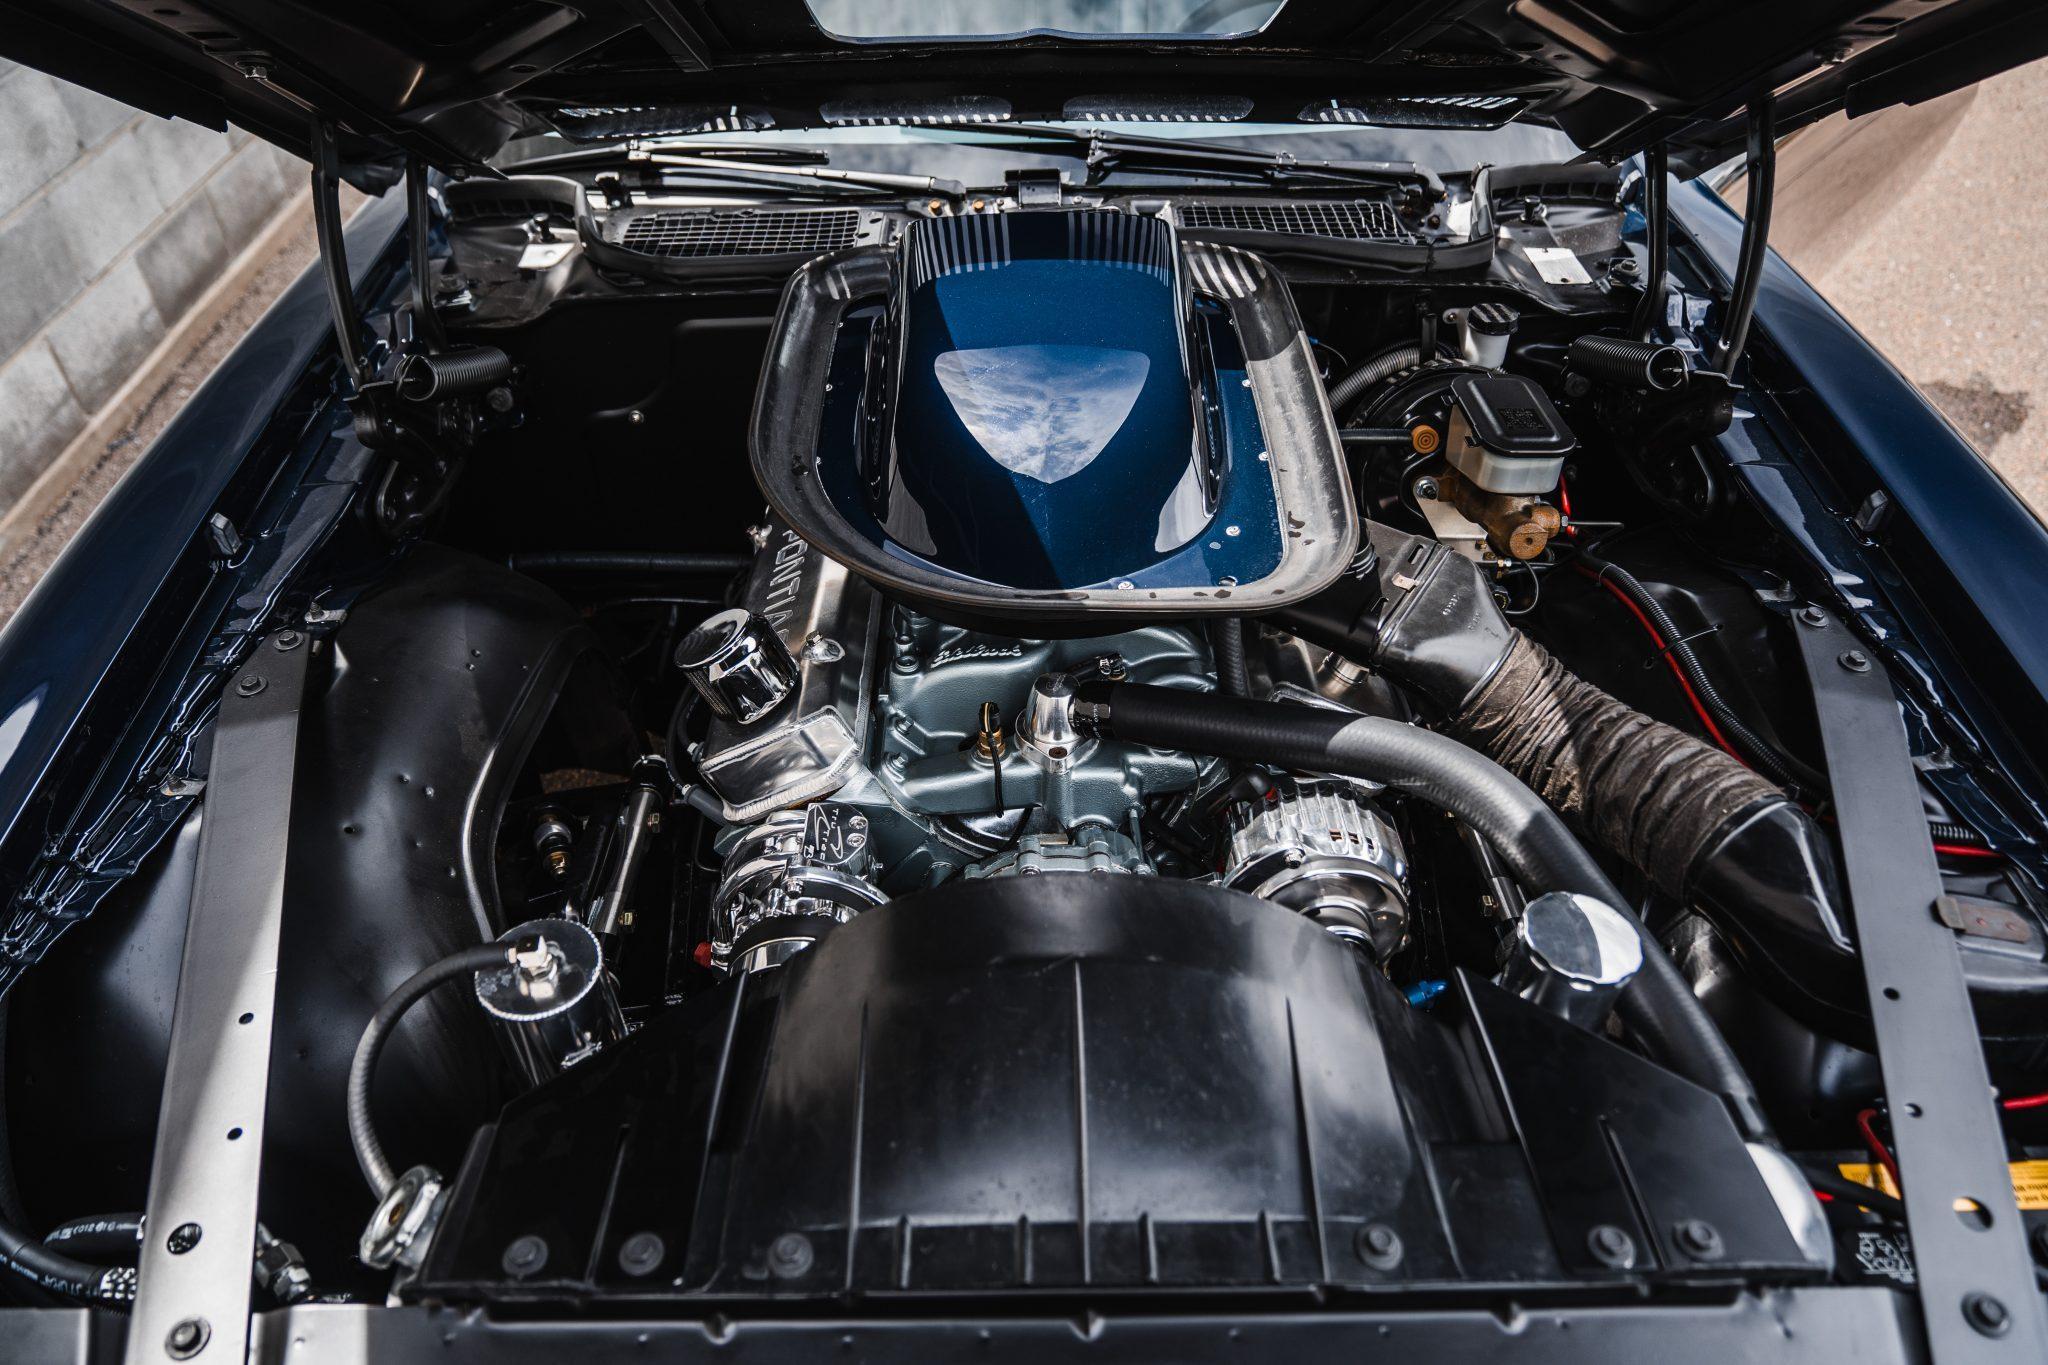 1975 Pontiac Trans Am Engine